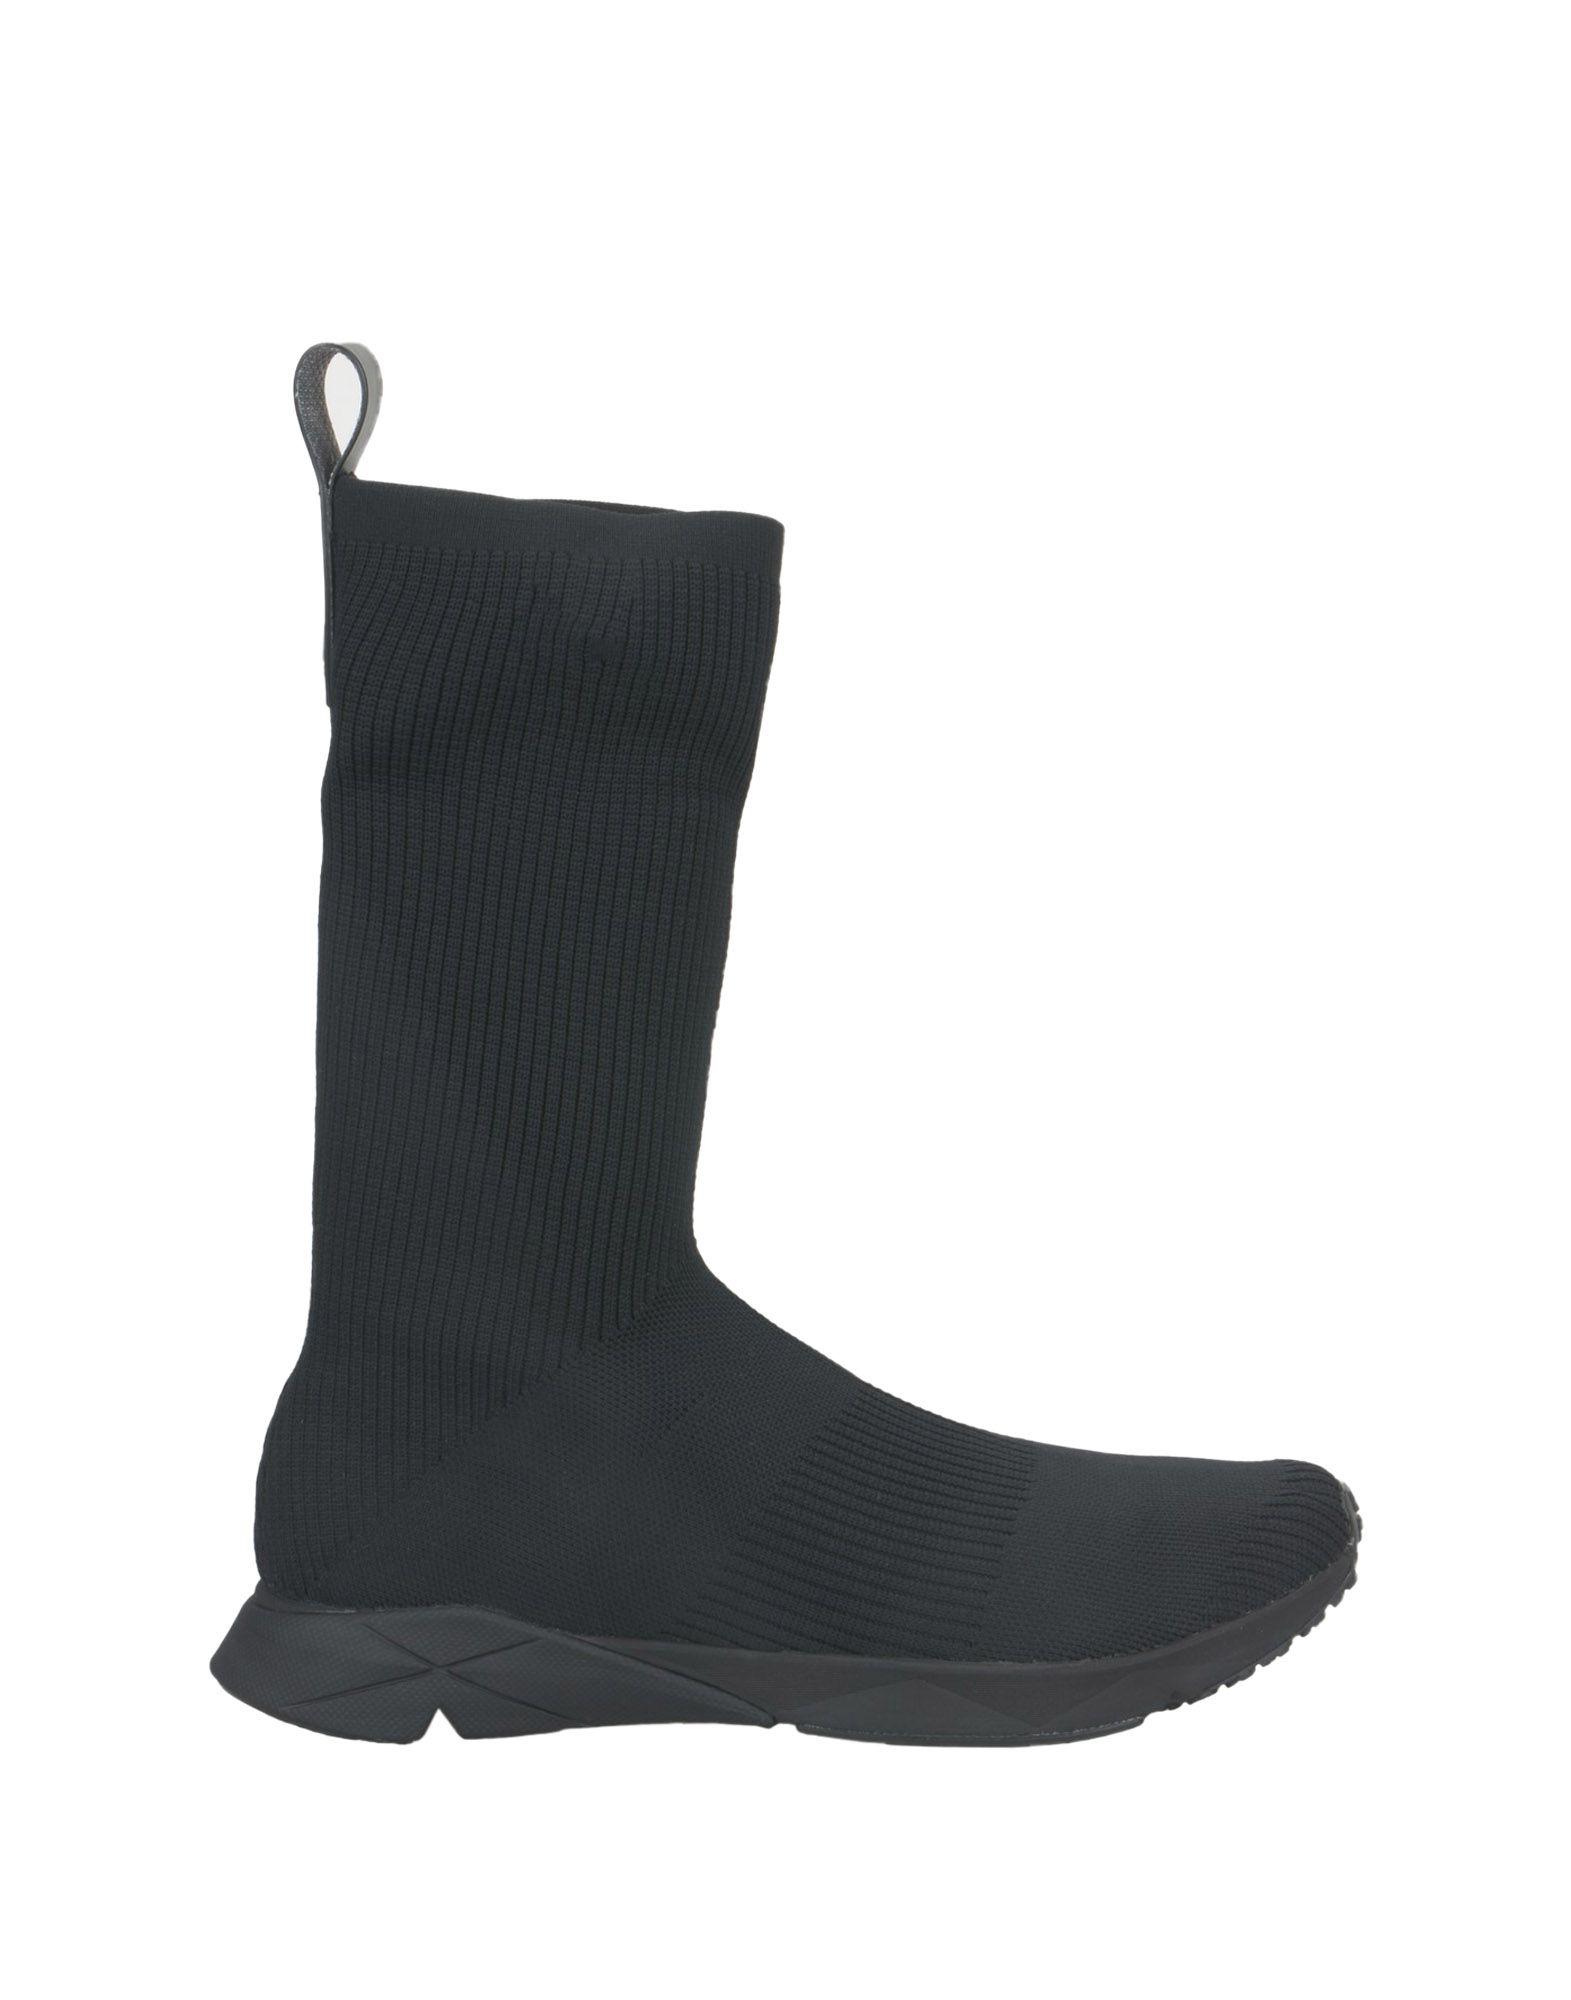 Stilvolle billige Supreme Schuhe Reebok  Sock Supreme billige  11403833NV 80290b